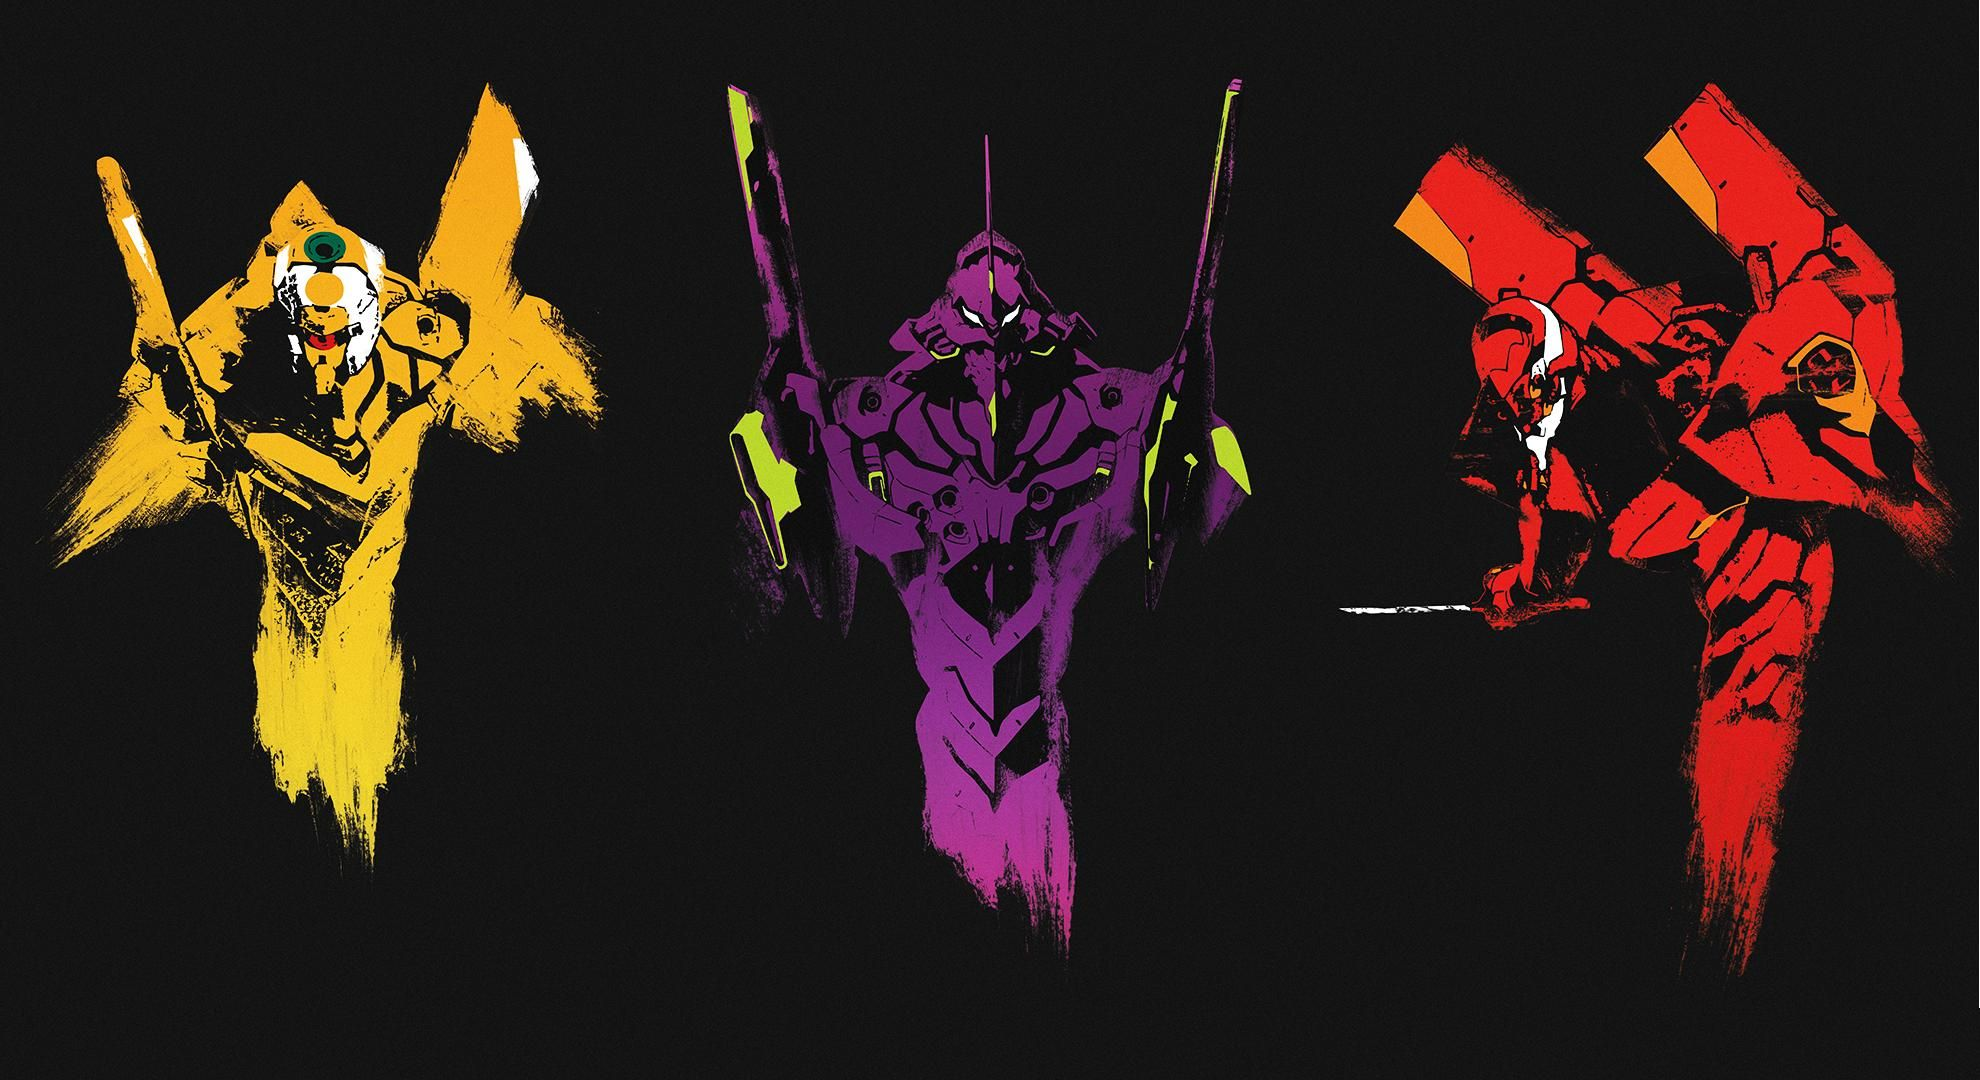 Evangelion Neon genesis evangelion, Evangelion